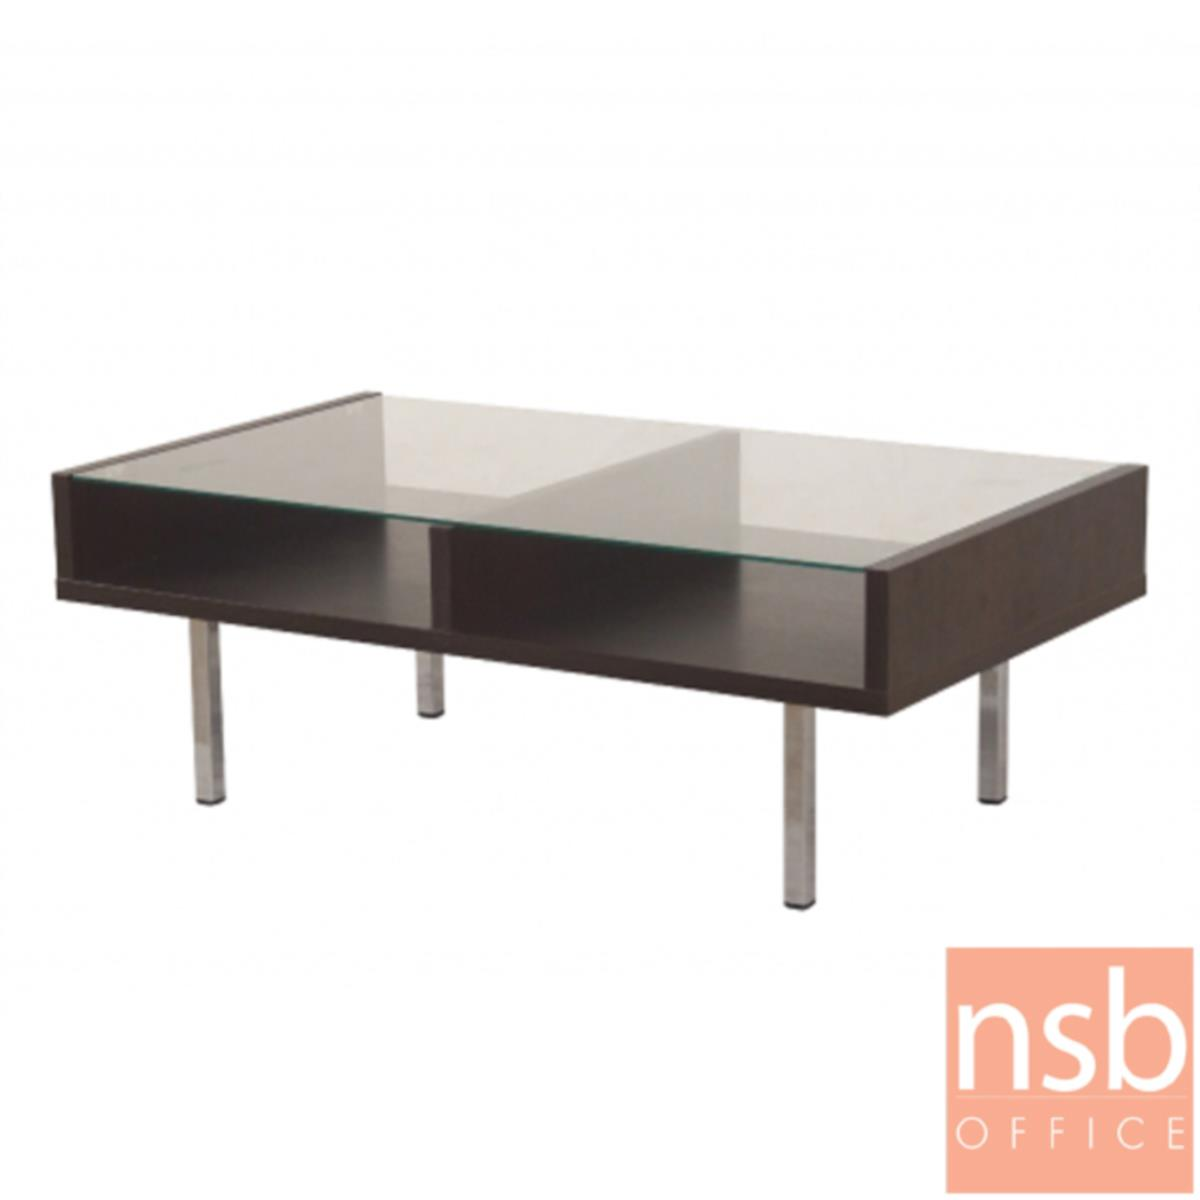 โต๊ะกลางโซฟากระจกใส  รุ่น GD-TNY ขนาด 60W ,105W cm.  โครงไม้